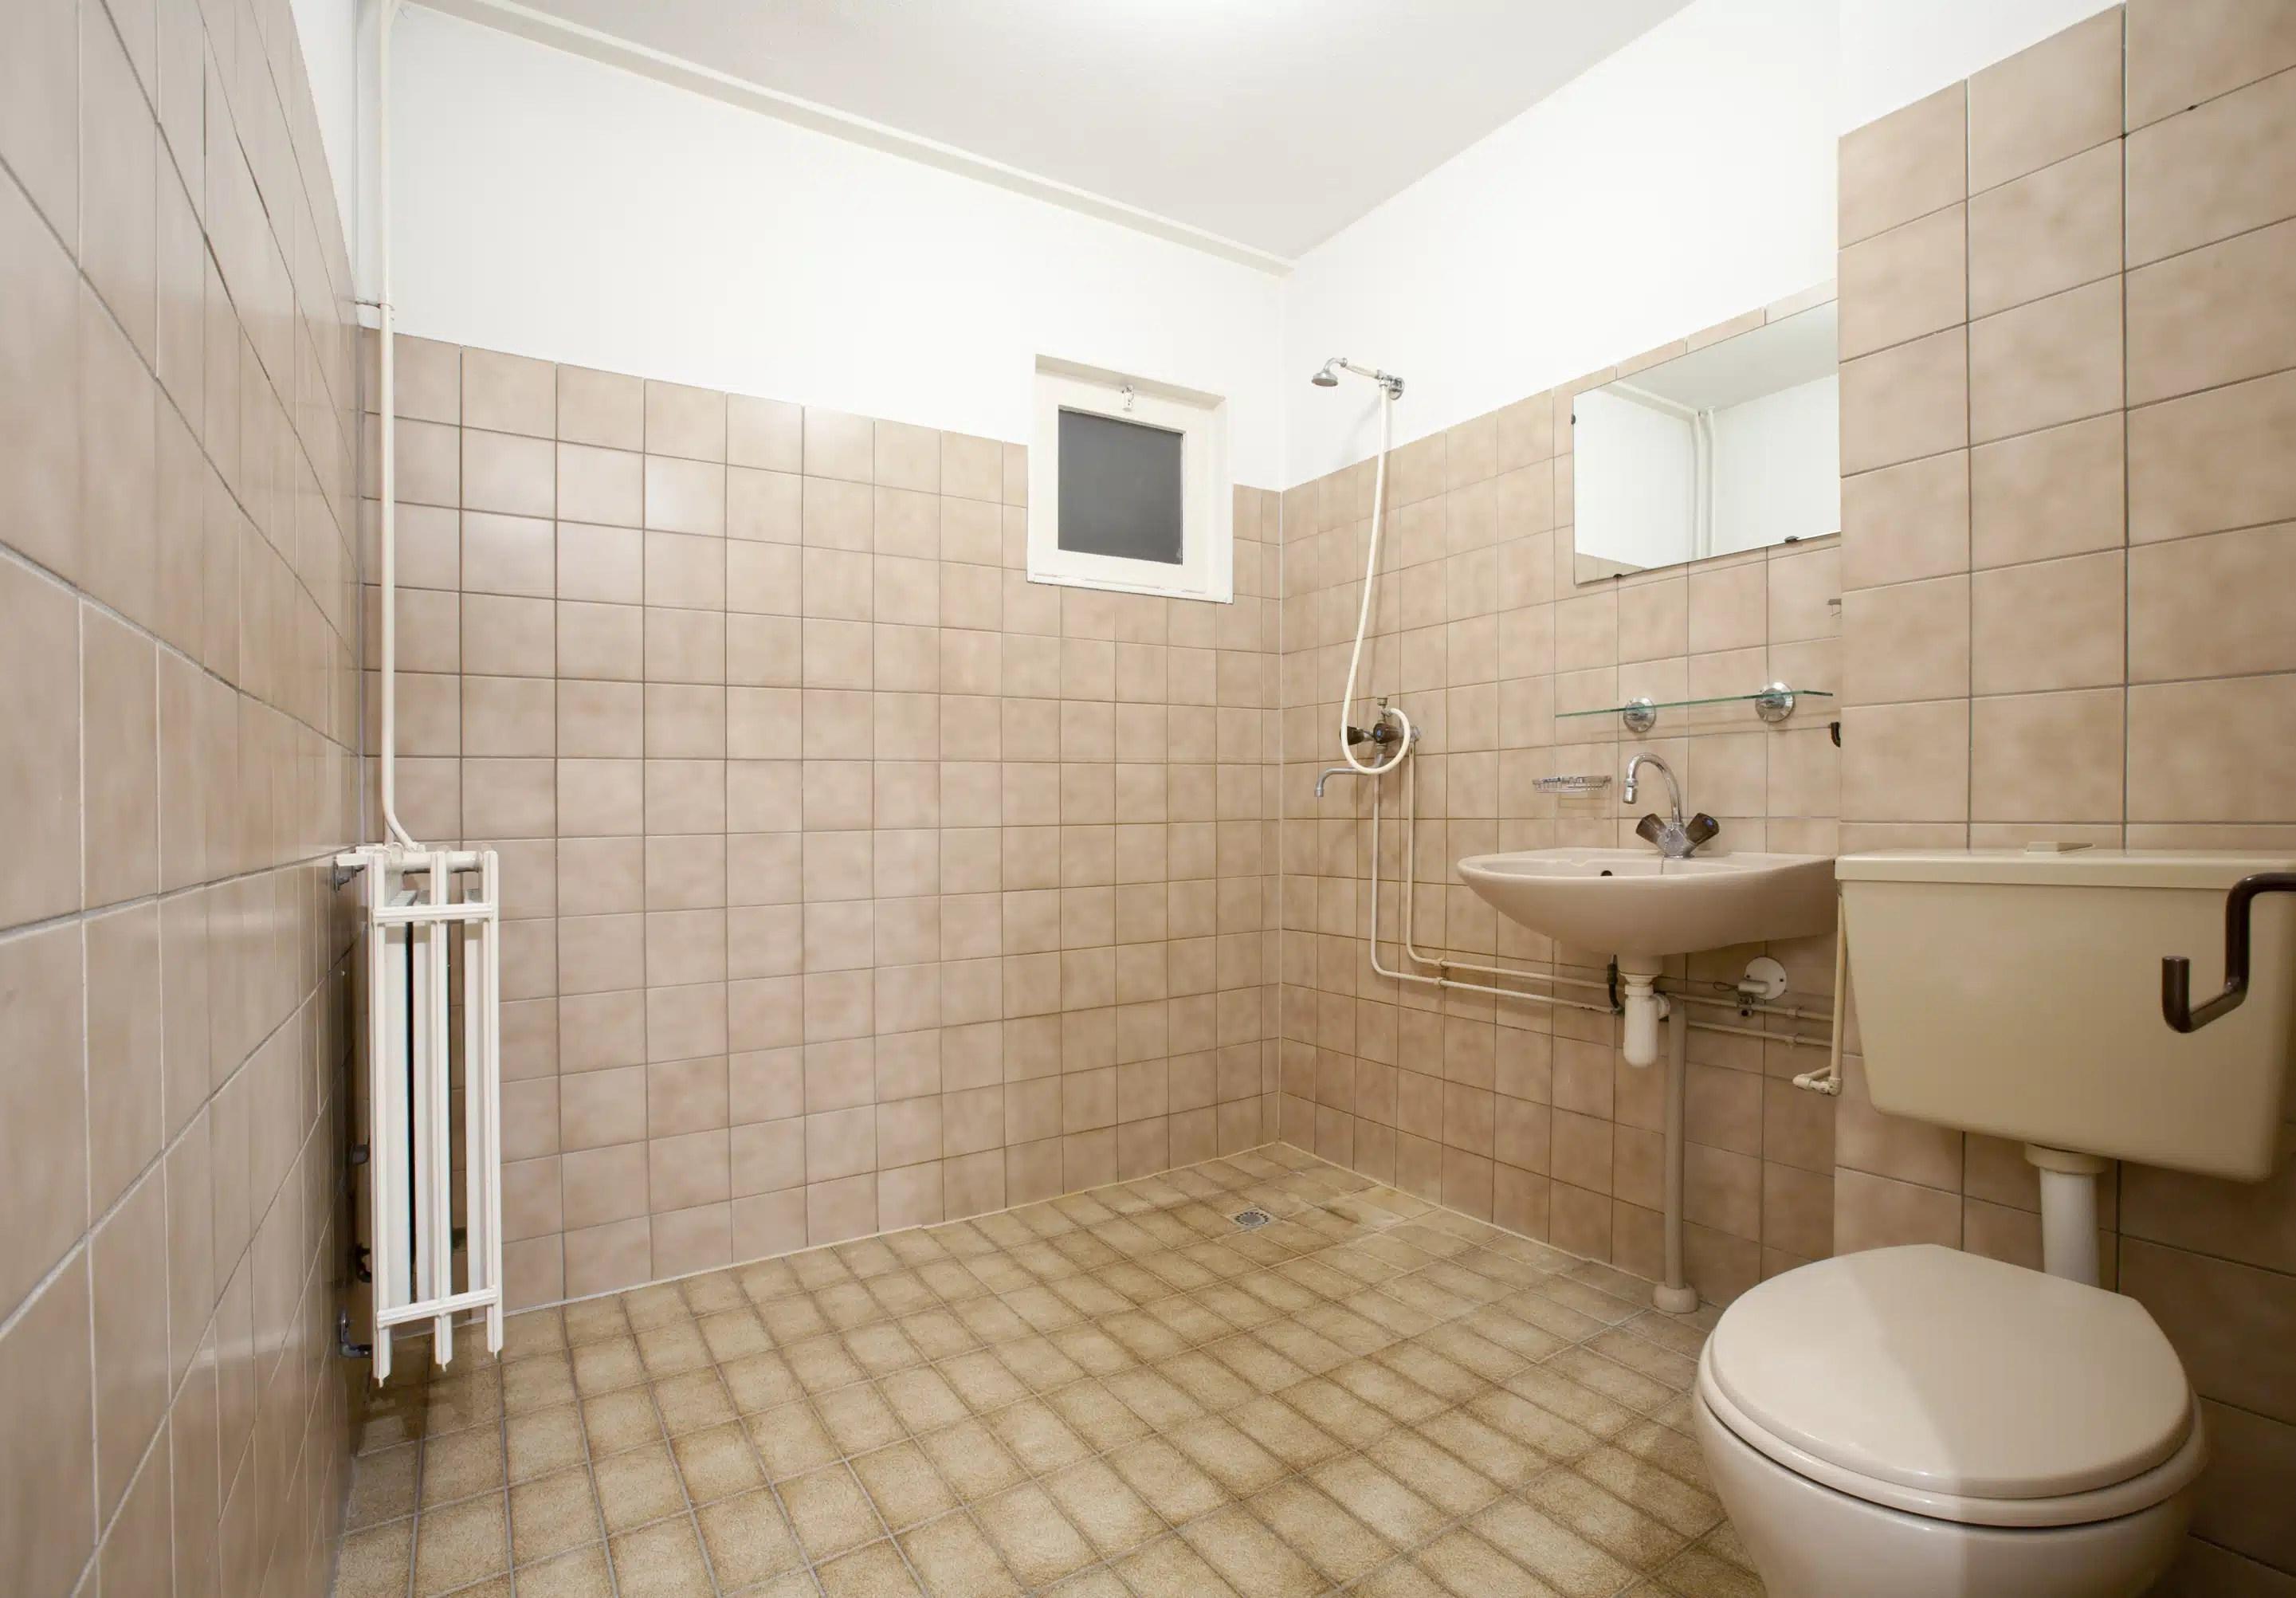 quel budget pour refaire sa salle de bain